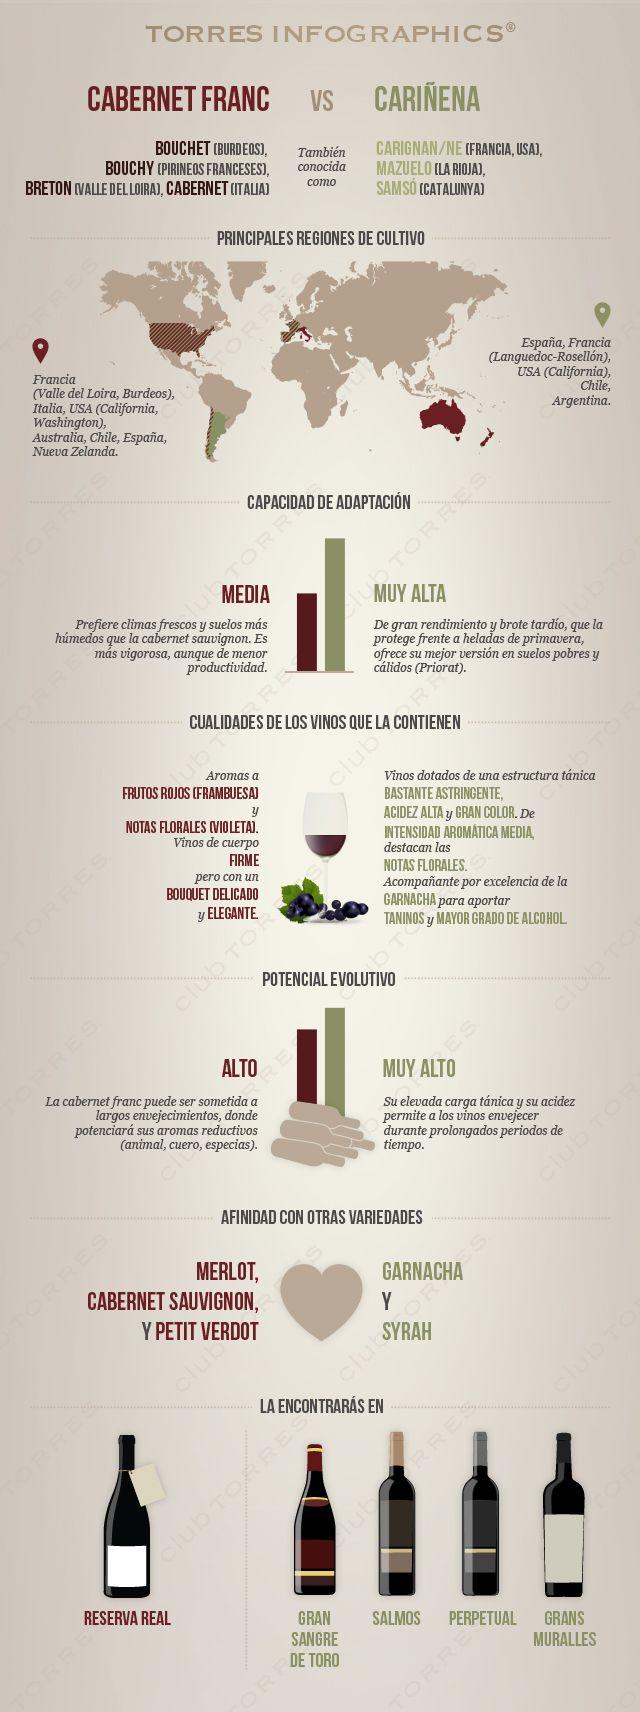 #infografía: Cabernet franc VS Cariñena. Dos variedades que despiertan pasiones encontradas. #clubtorres